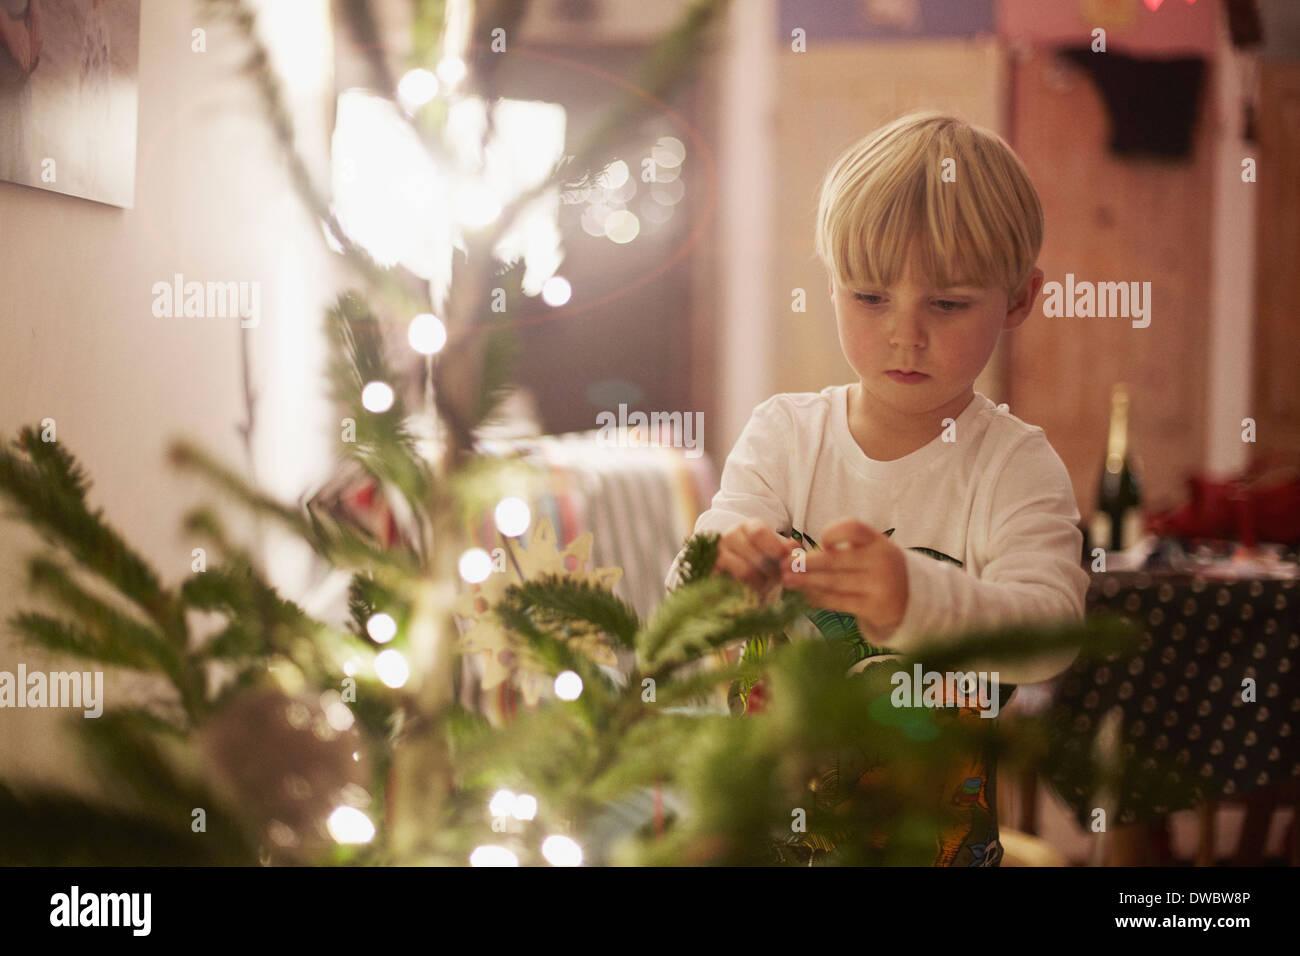 Ragazzo giovane decorare albero di natale Immagini Stock